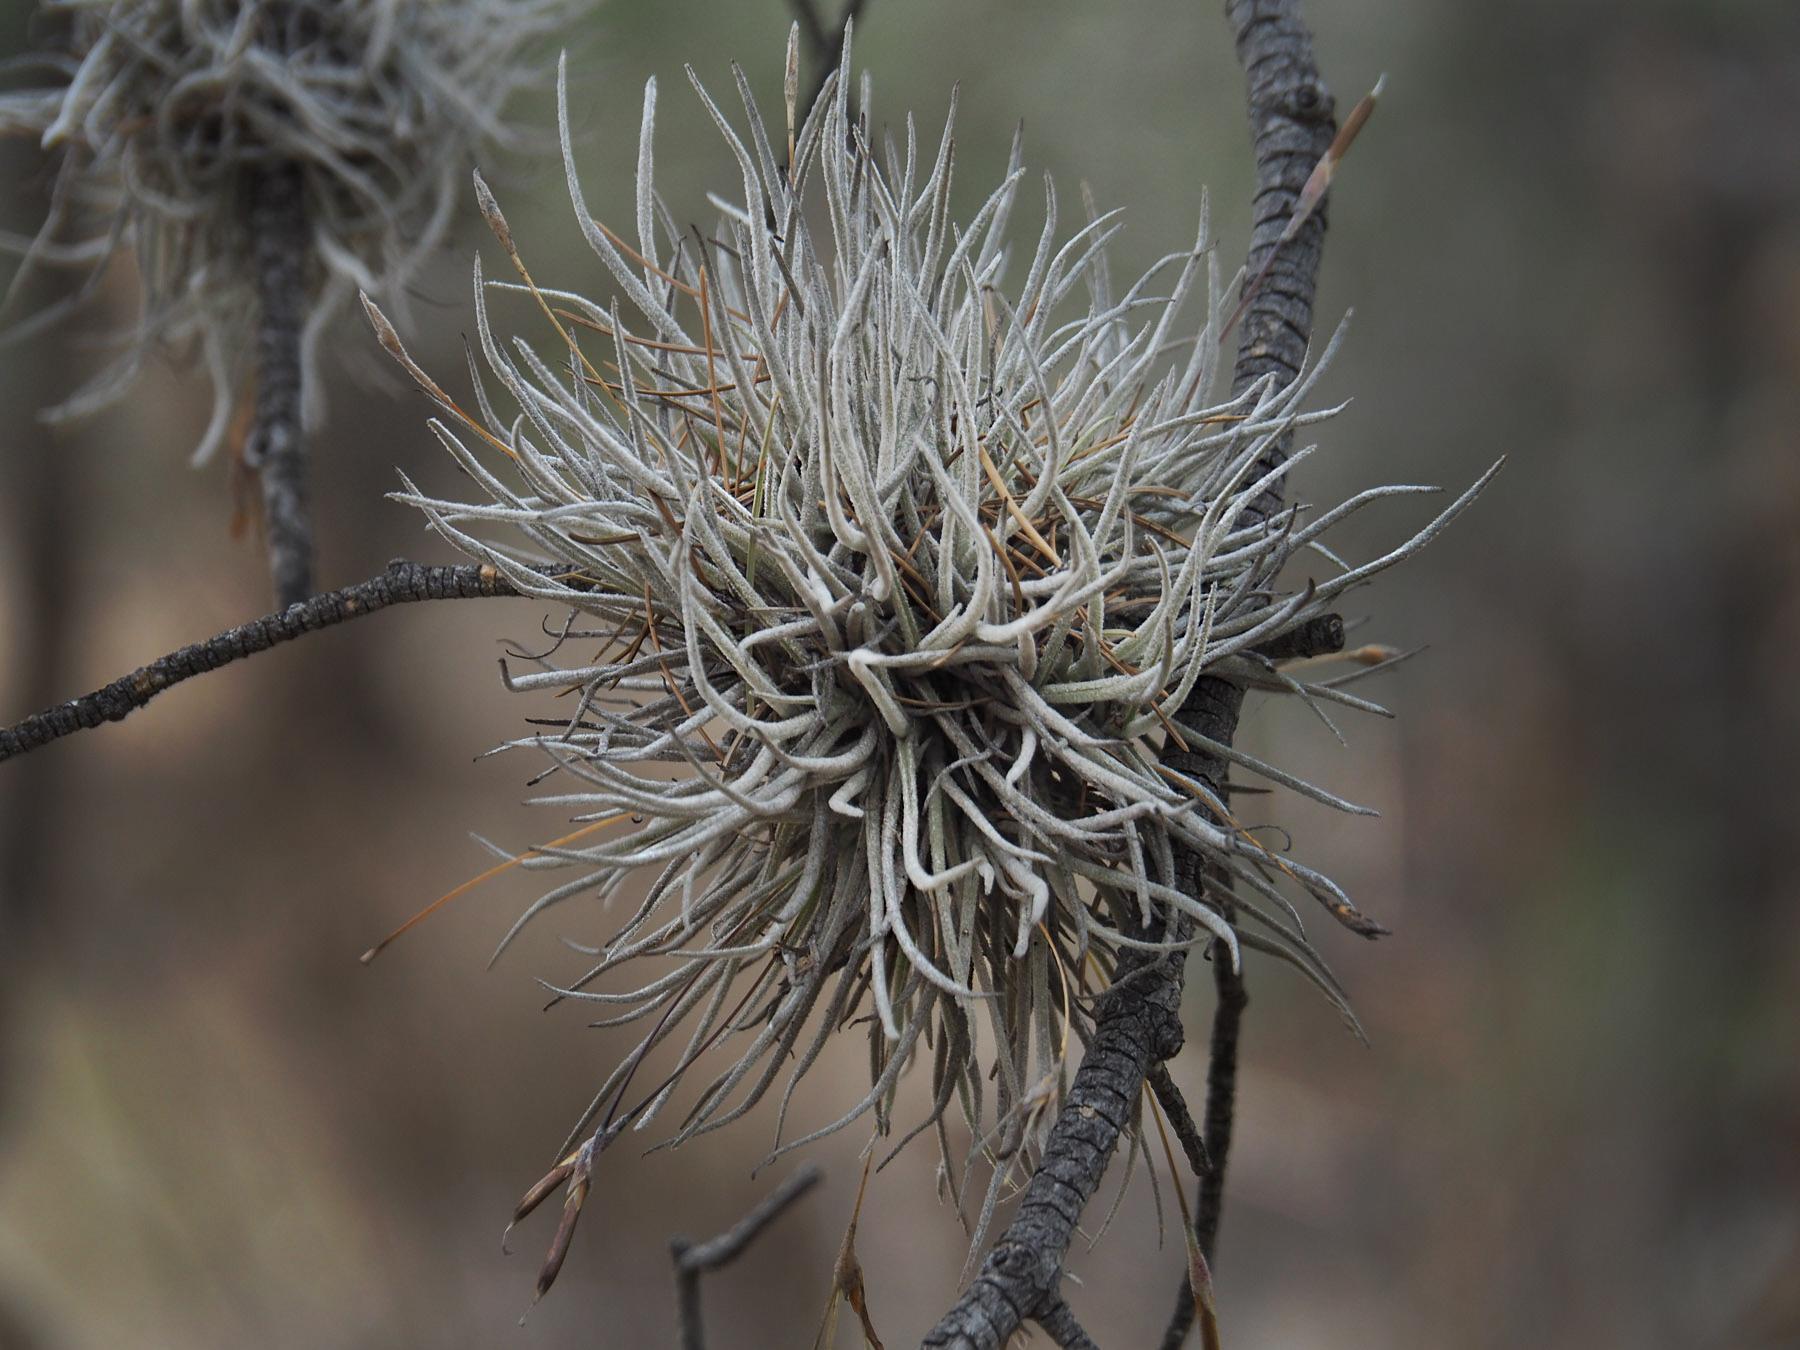 Tillandsien wachsen überall auf den Bäumen und Felsen